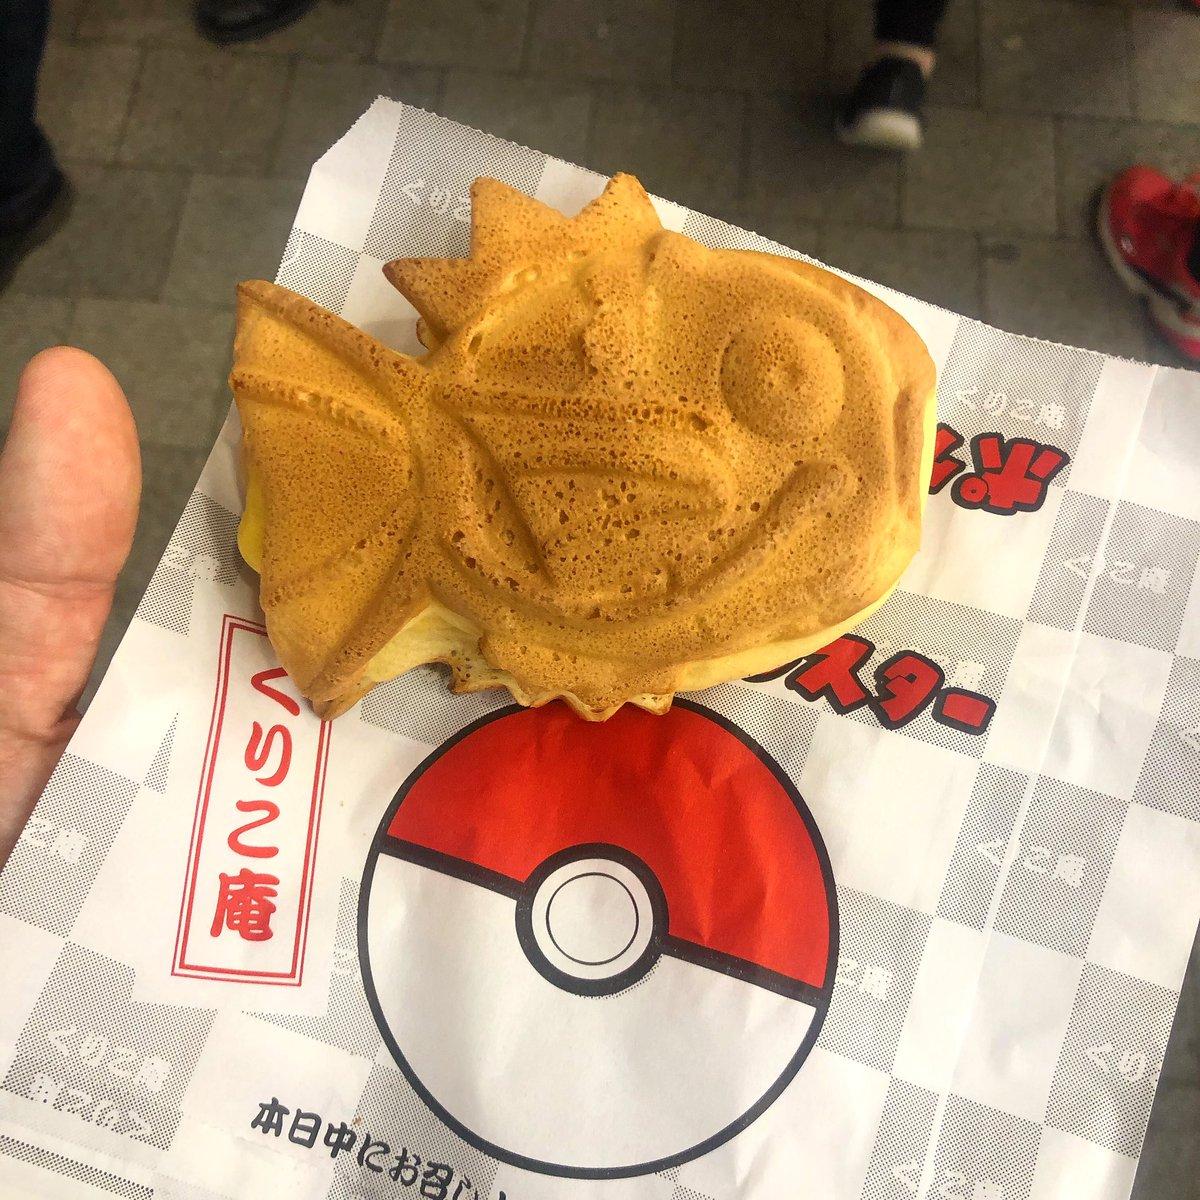 👱♂️Wusstet ihr eigentlich das ein Karpador mit Vanille gefüllt ist? 🤪#karpador #pokemon #akihabara #fun #nintendoswitch #japan #fandabidozi #gamefreak #games #food #nintendo #yummy #travel #cute